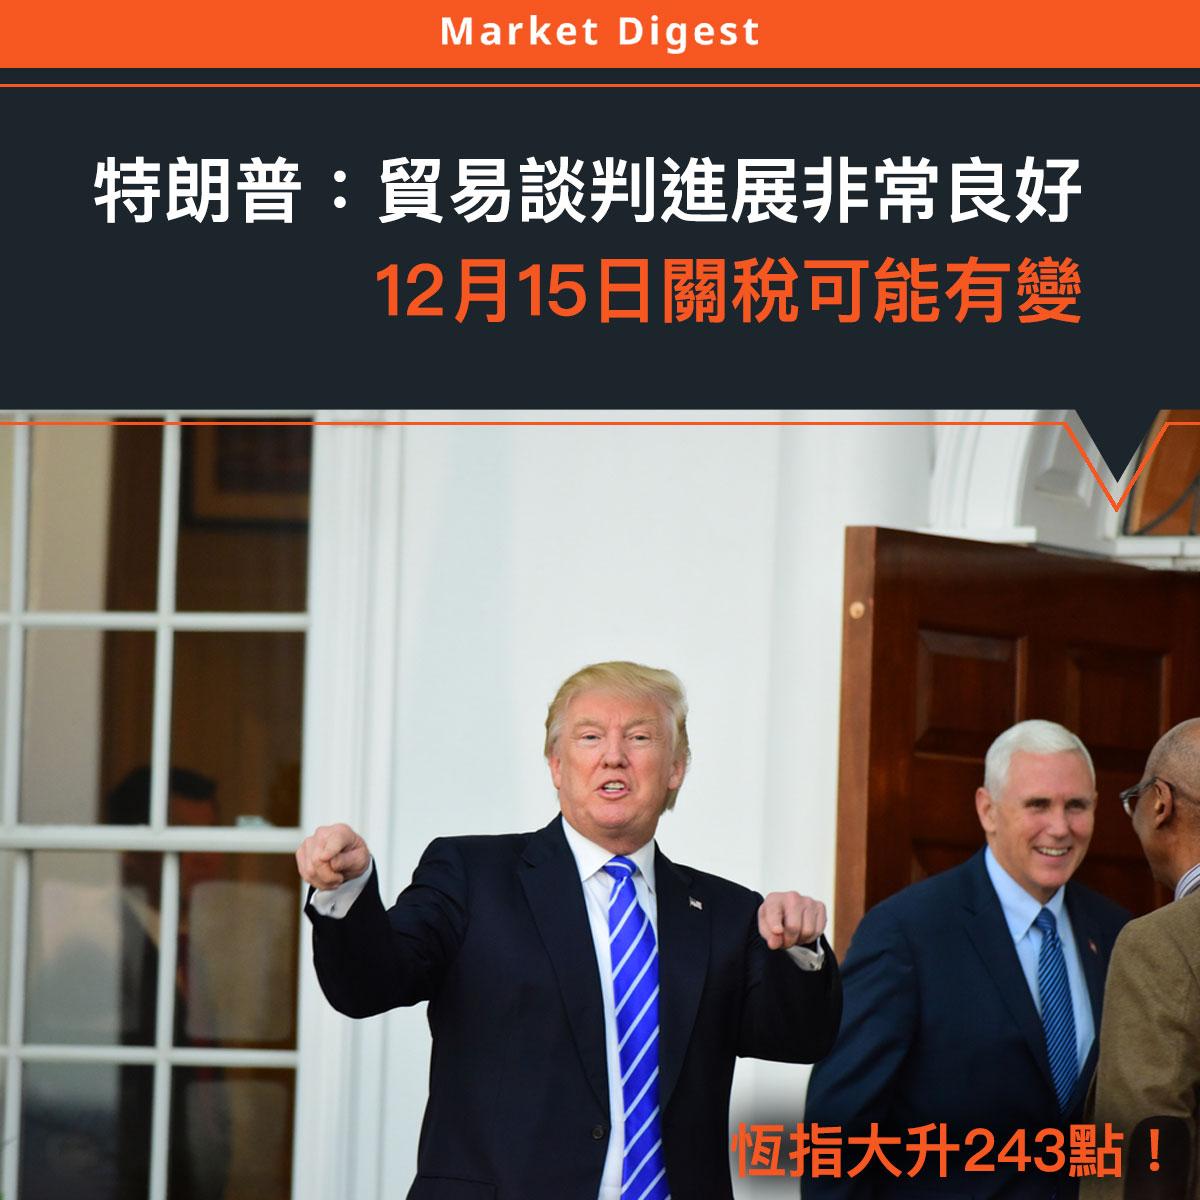 【中美貿易戰】特朗普:貿易談判進展非常良好,12月15日關稅可能有變